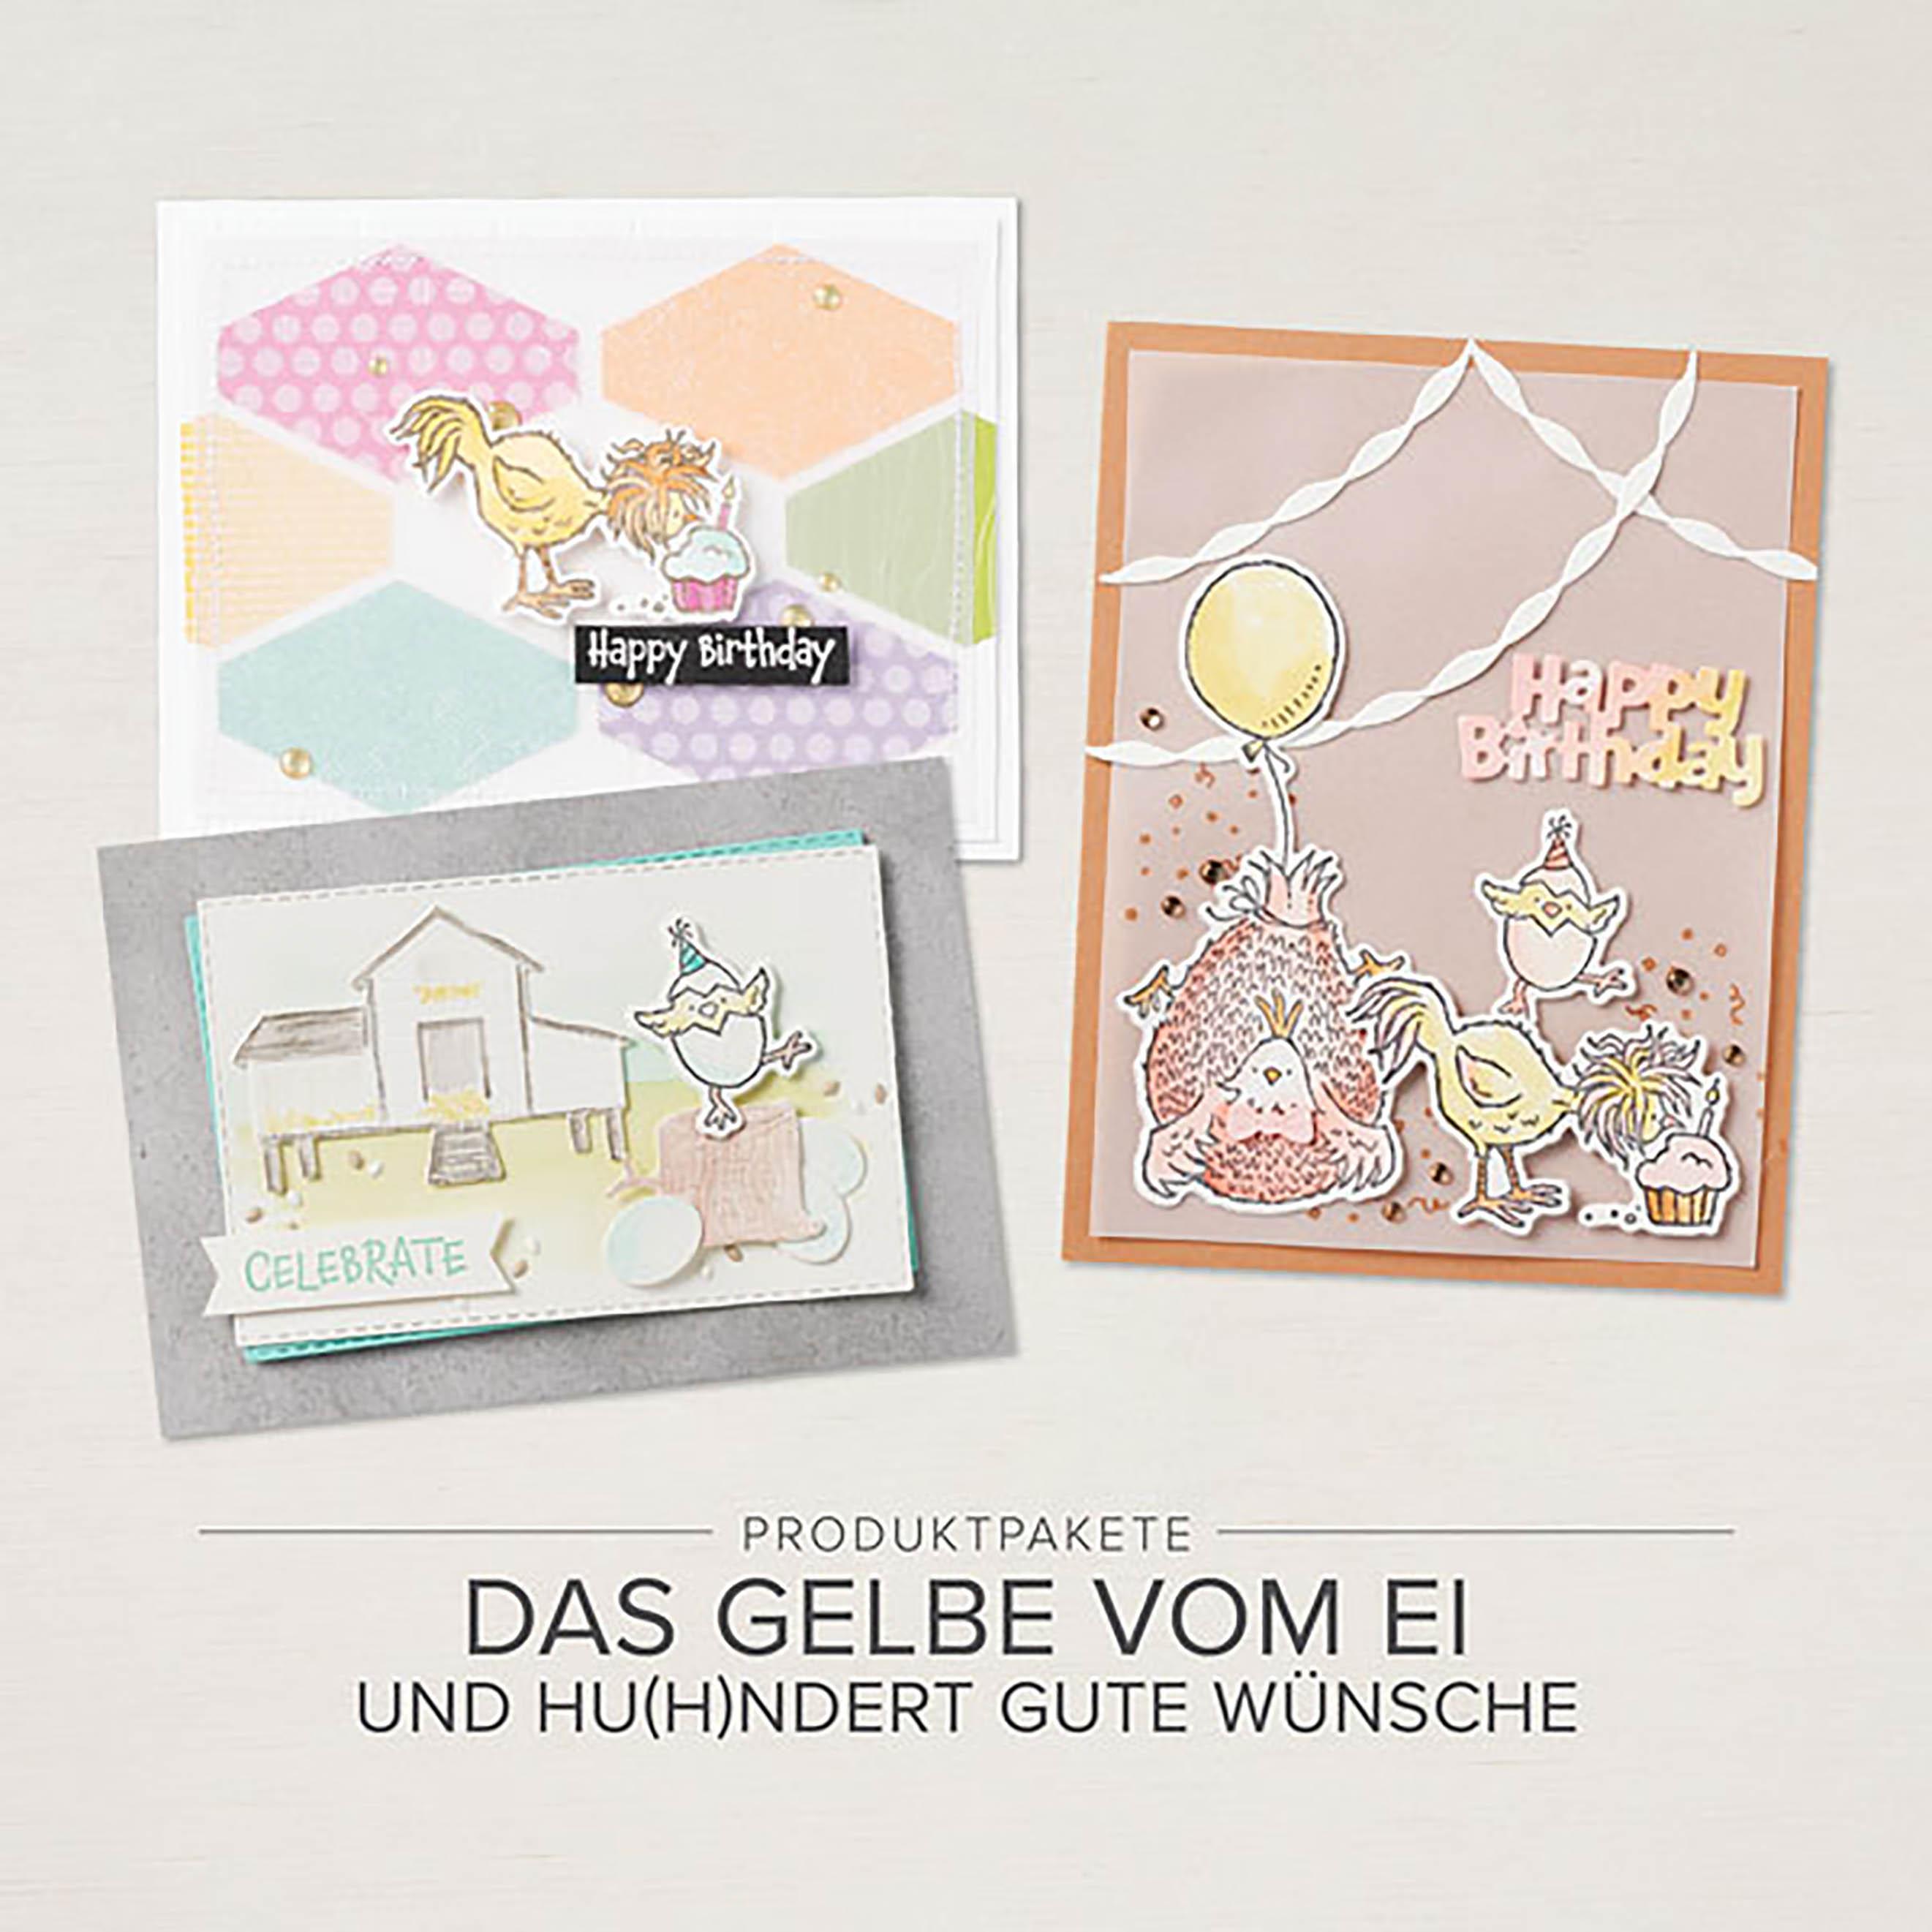 Produktpaket-Das-Gelbe-vom-Ei-und-Huhndert-gute-Wuensche_Beispielprojekt-Gruppe_Mit-Text_2